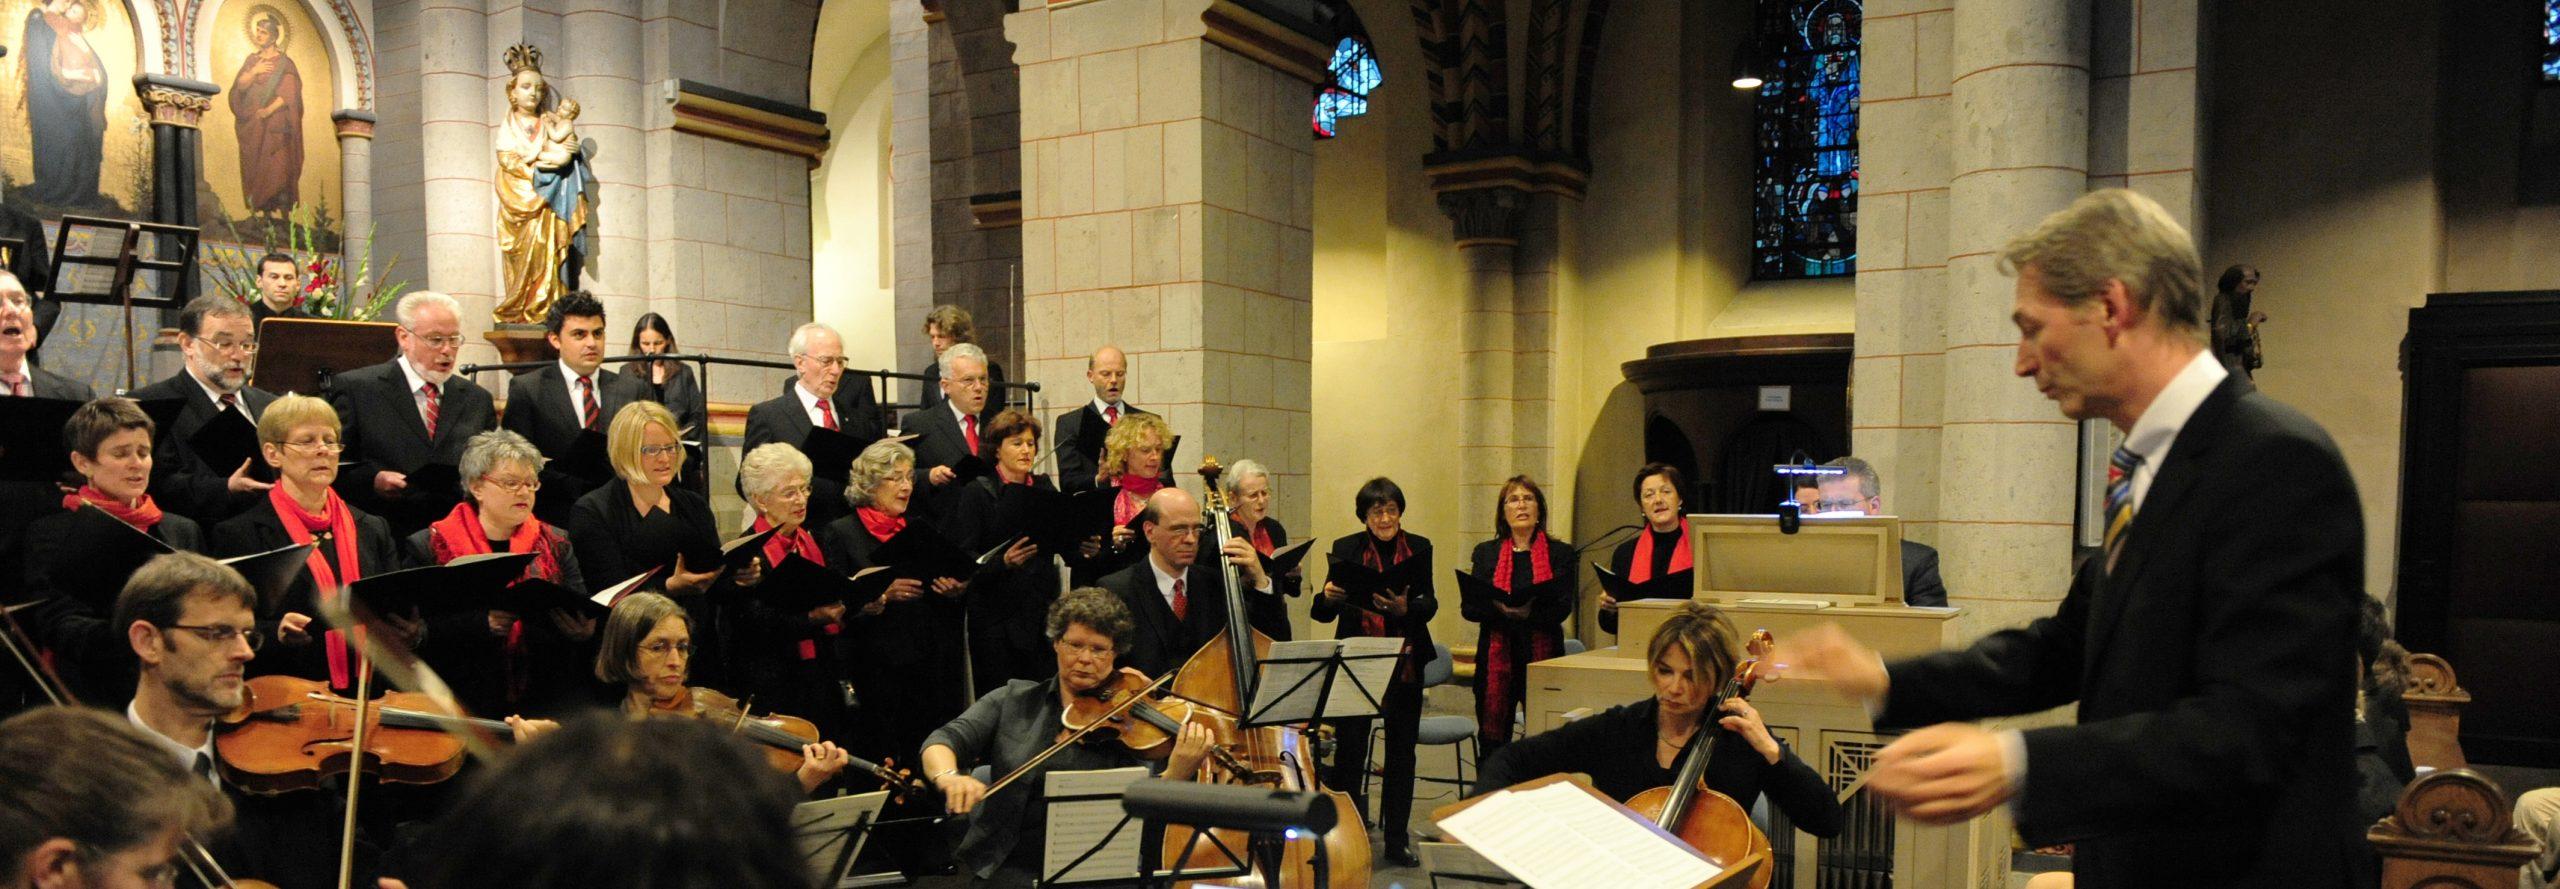 MünsterMusikNeuss